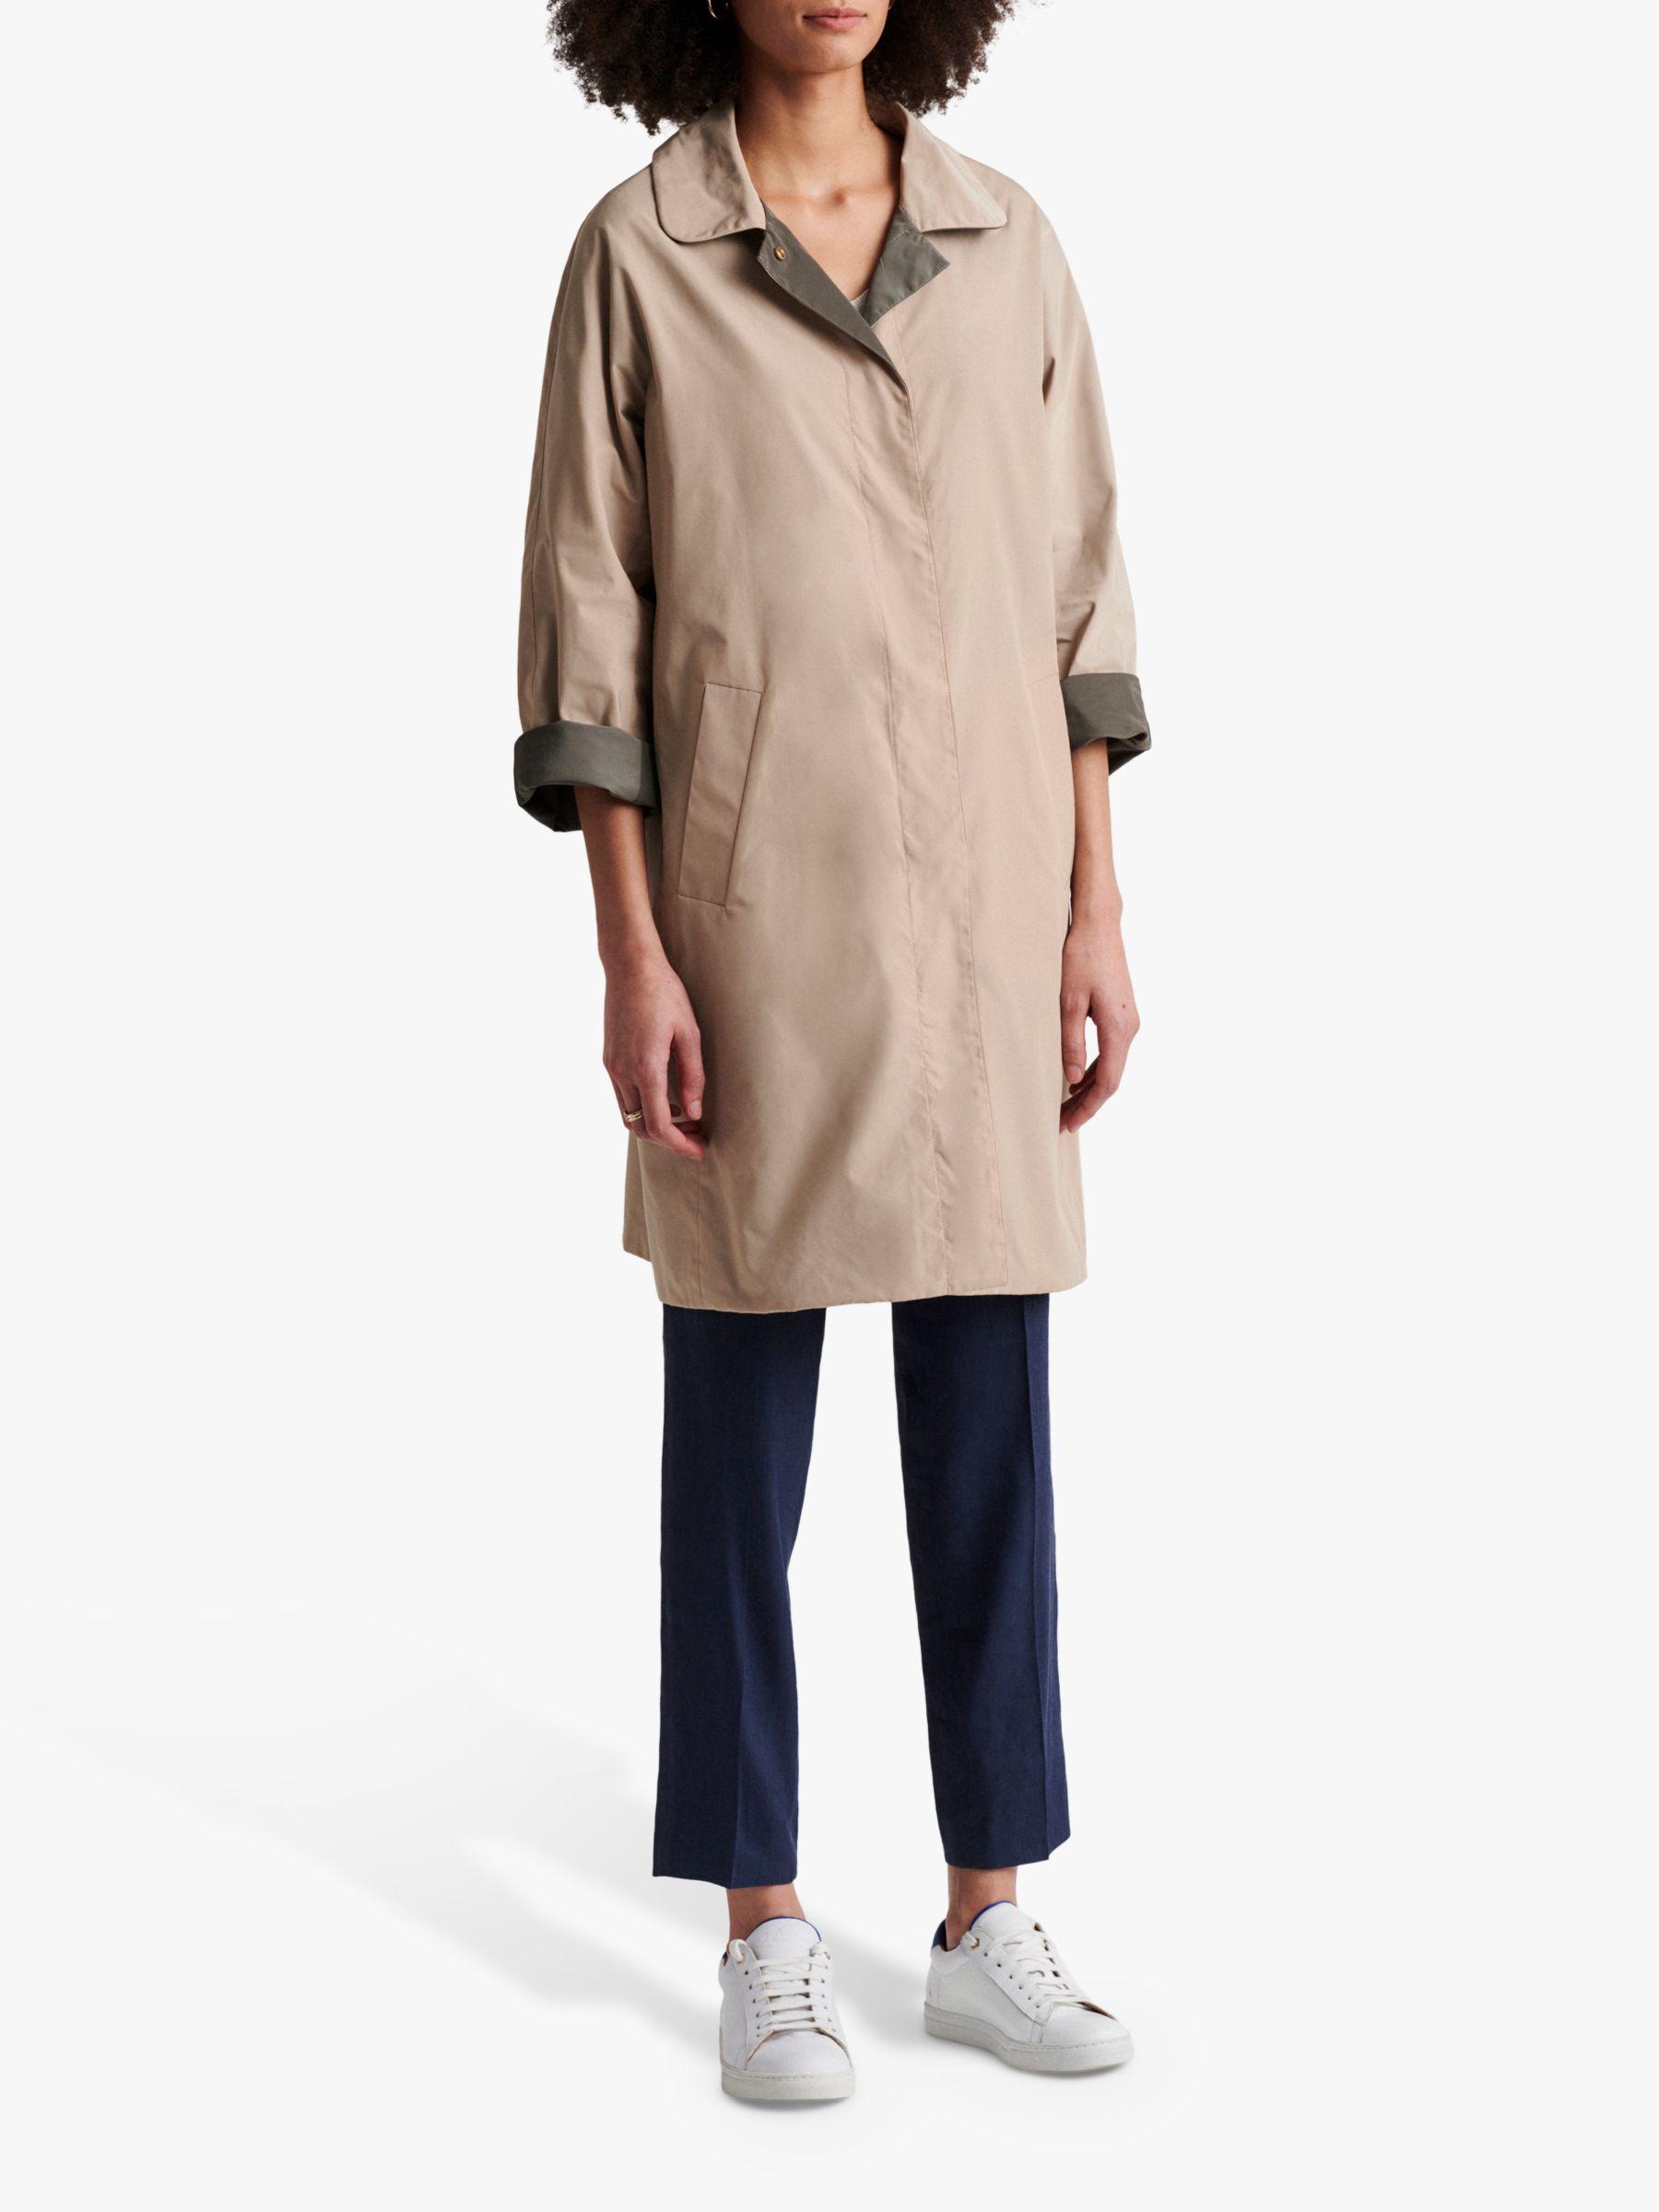 Gerard Darel Gerard Darel Diana Reversible Trench Coat, Beige/Khaki